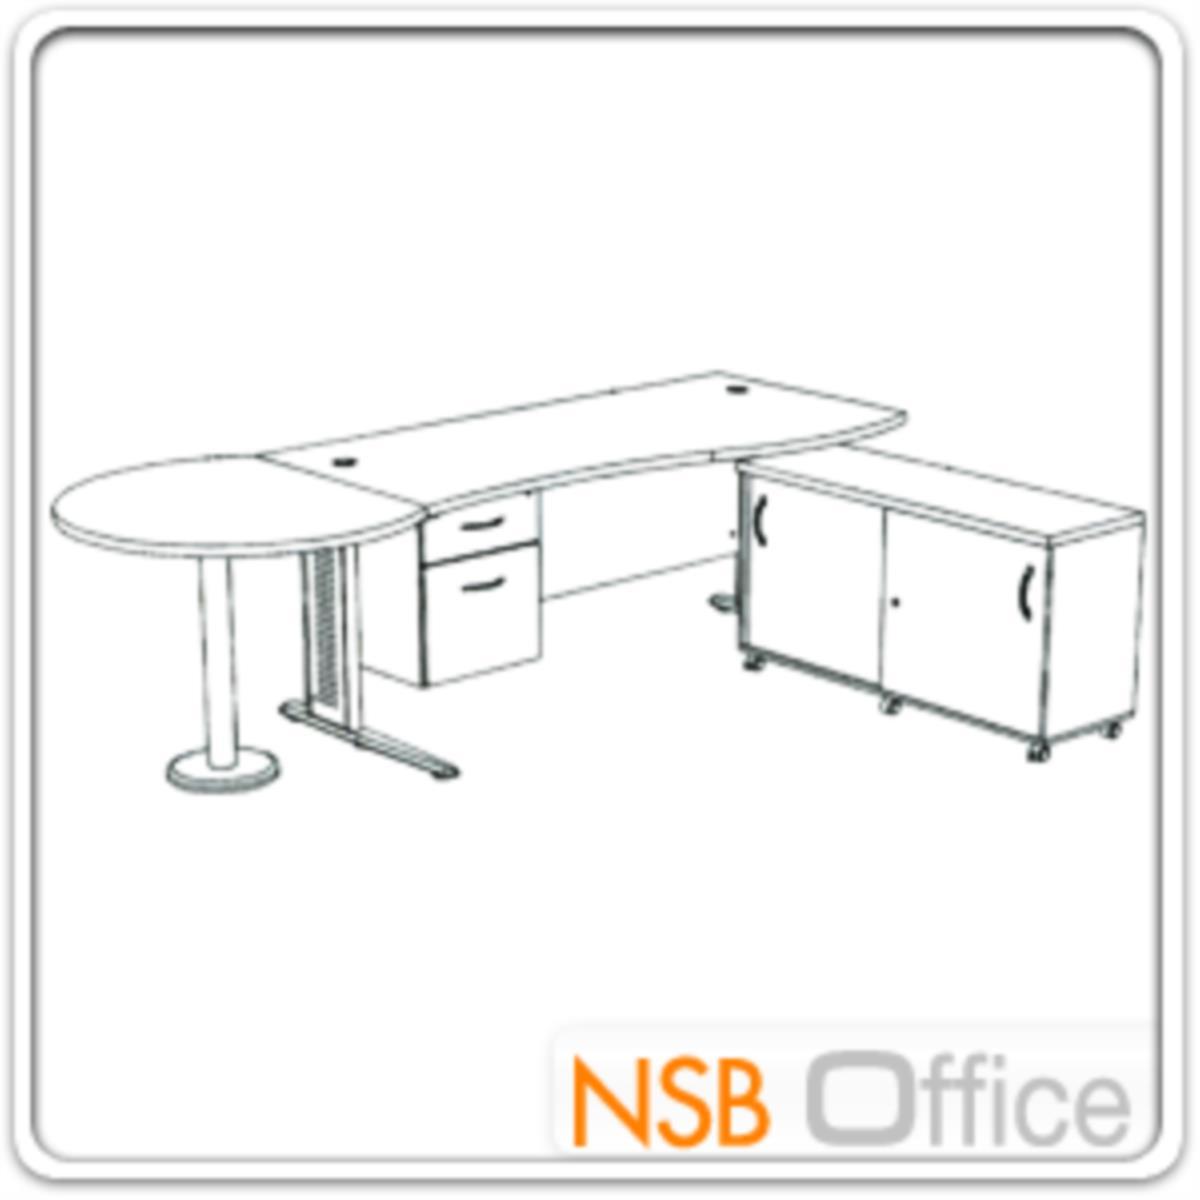 โต๊ะผู้บริหารตัวแอล   ขนาด 300W cm. ขาเหล็กโครเมี่ยมดำ สีเชอร์รี่-ดำ *แอลตามภาพเท่านั้น*